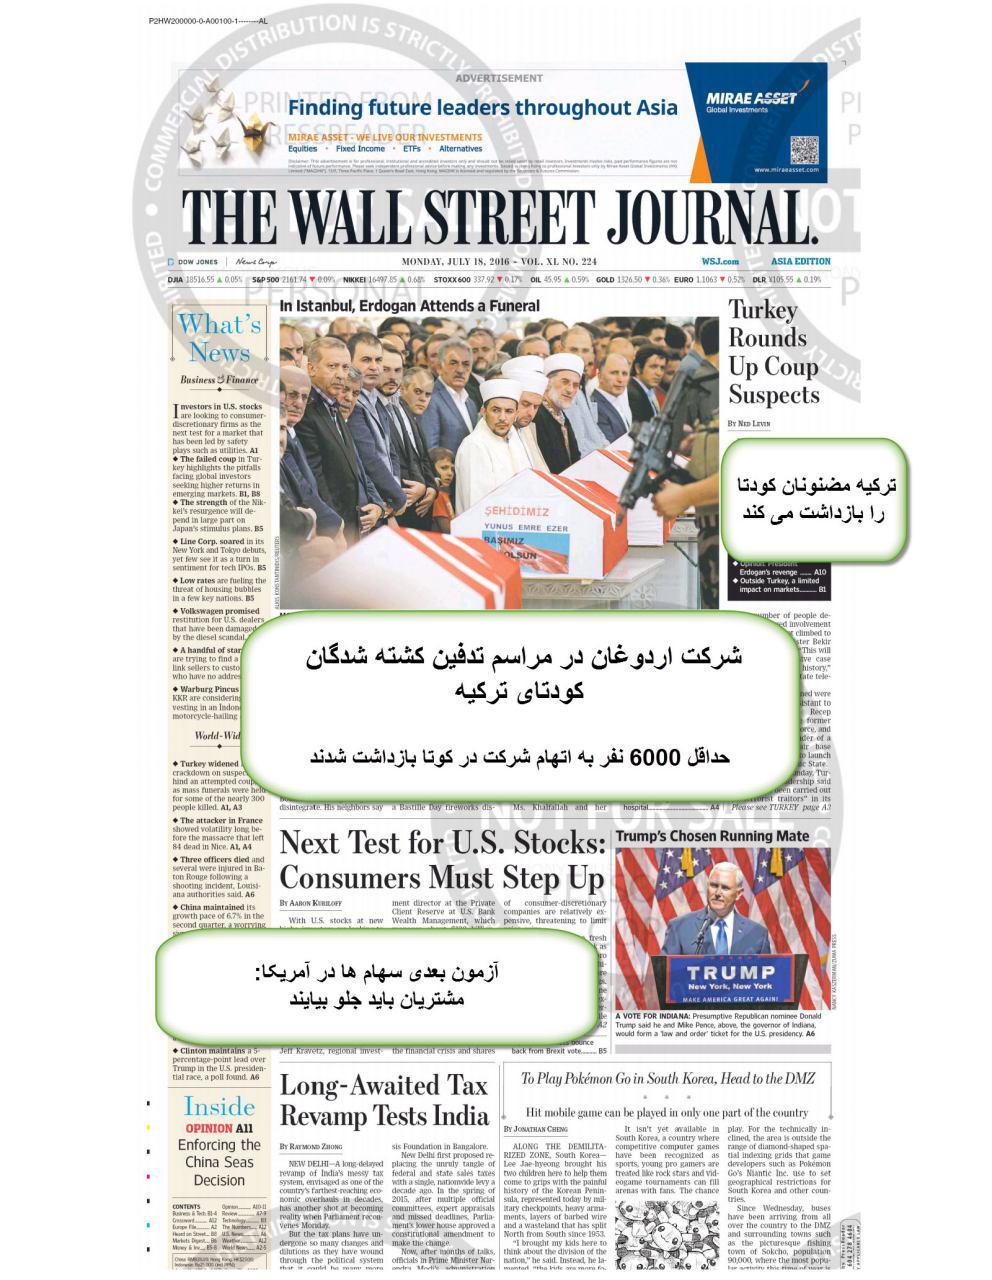 روزنامه وال استریت ژورنال کشور امریکا